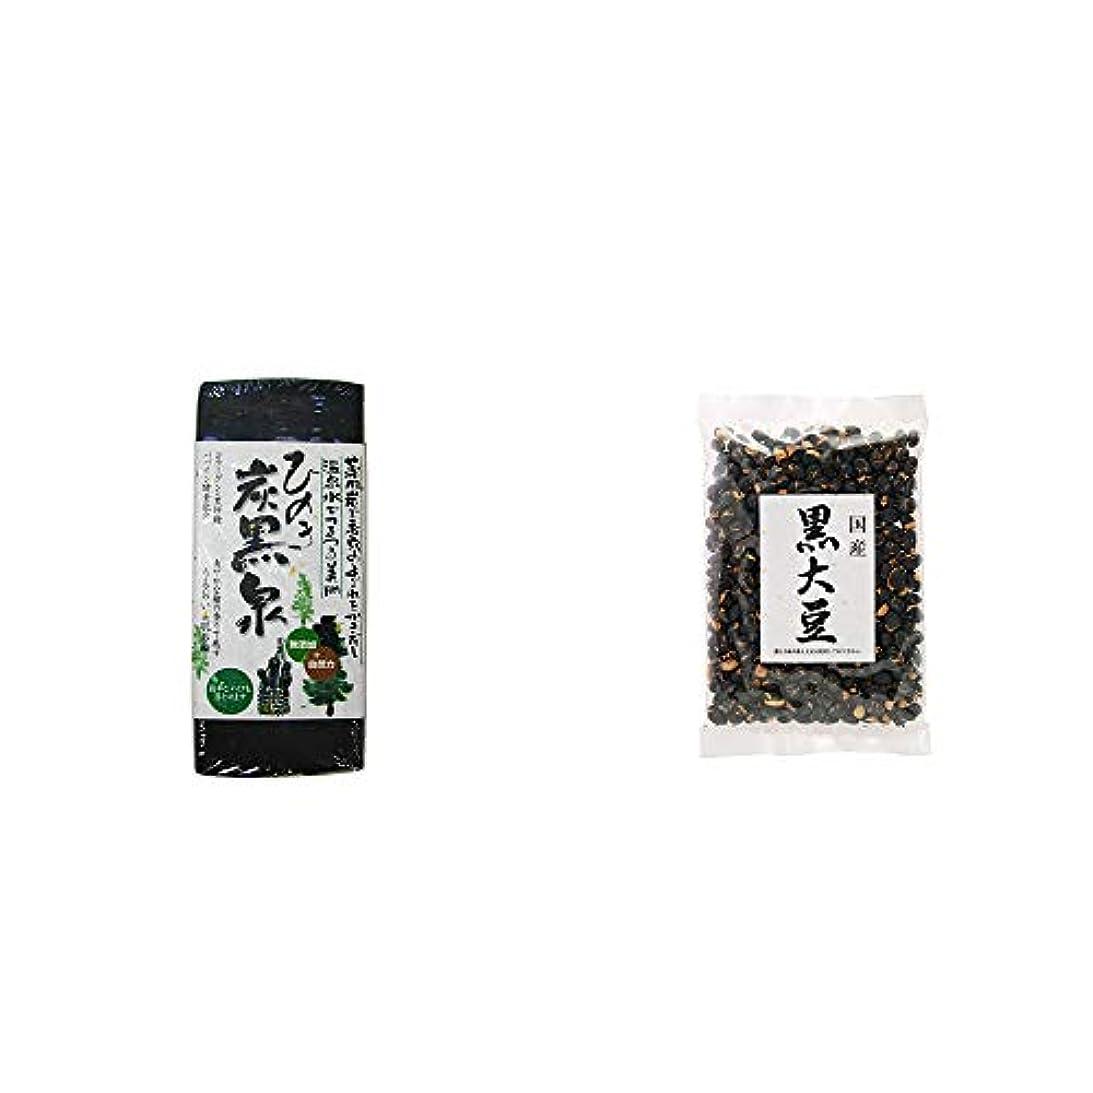 自殺ベギンポット[2点セット] ひのき炭黒泉(75g×2)?国産 黒大豆(140g)